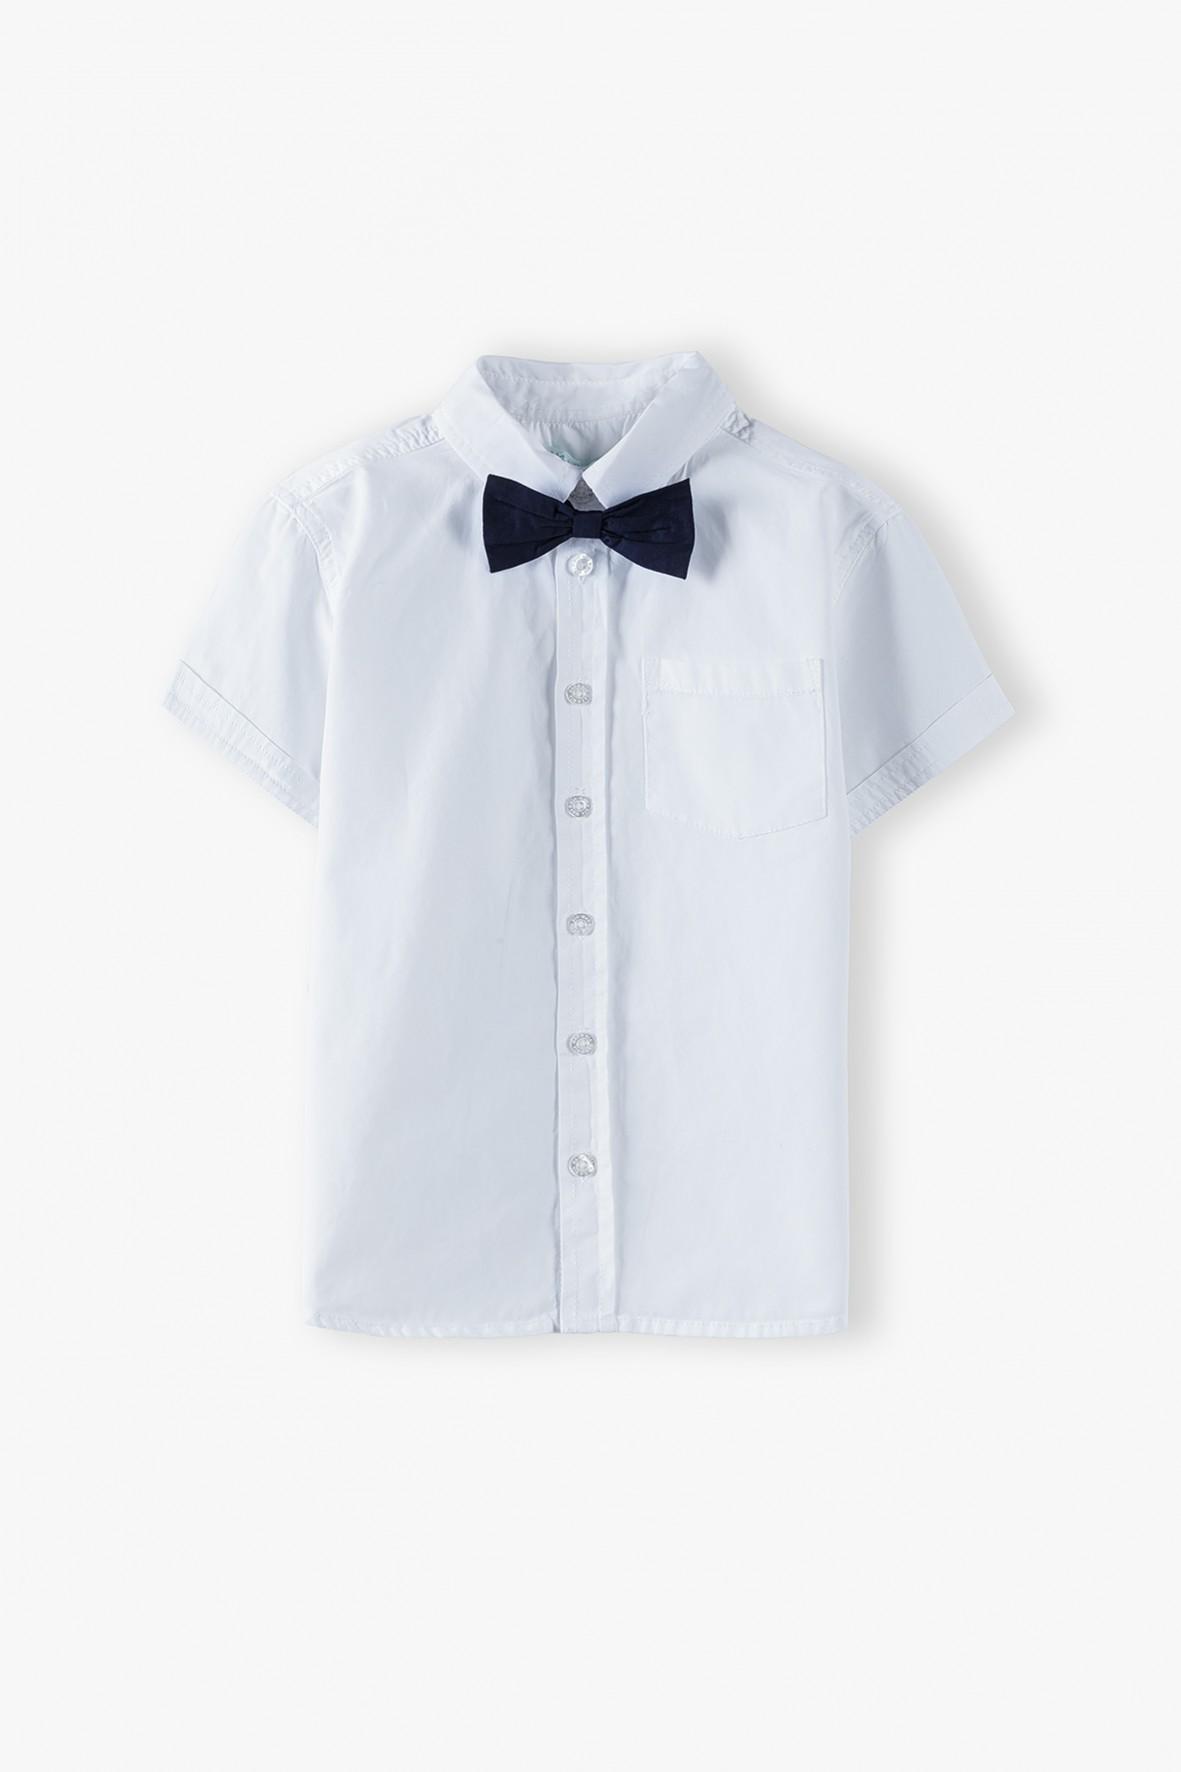 Bawełniana koszula chłopięca z krótkim rękawem z muszką